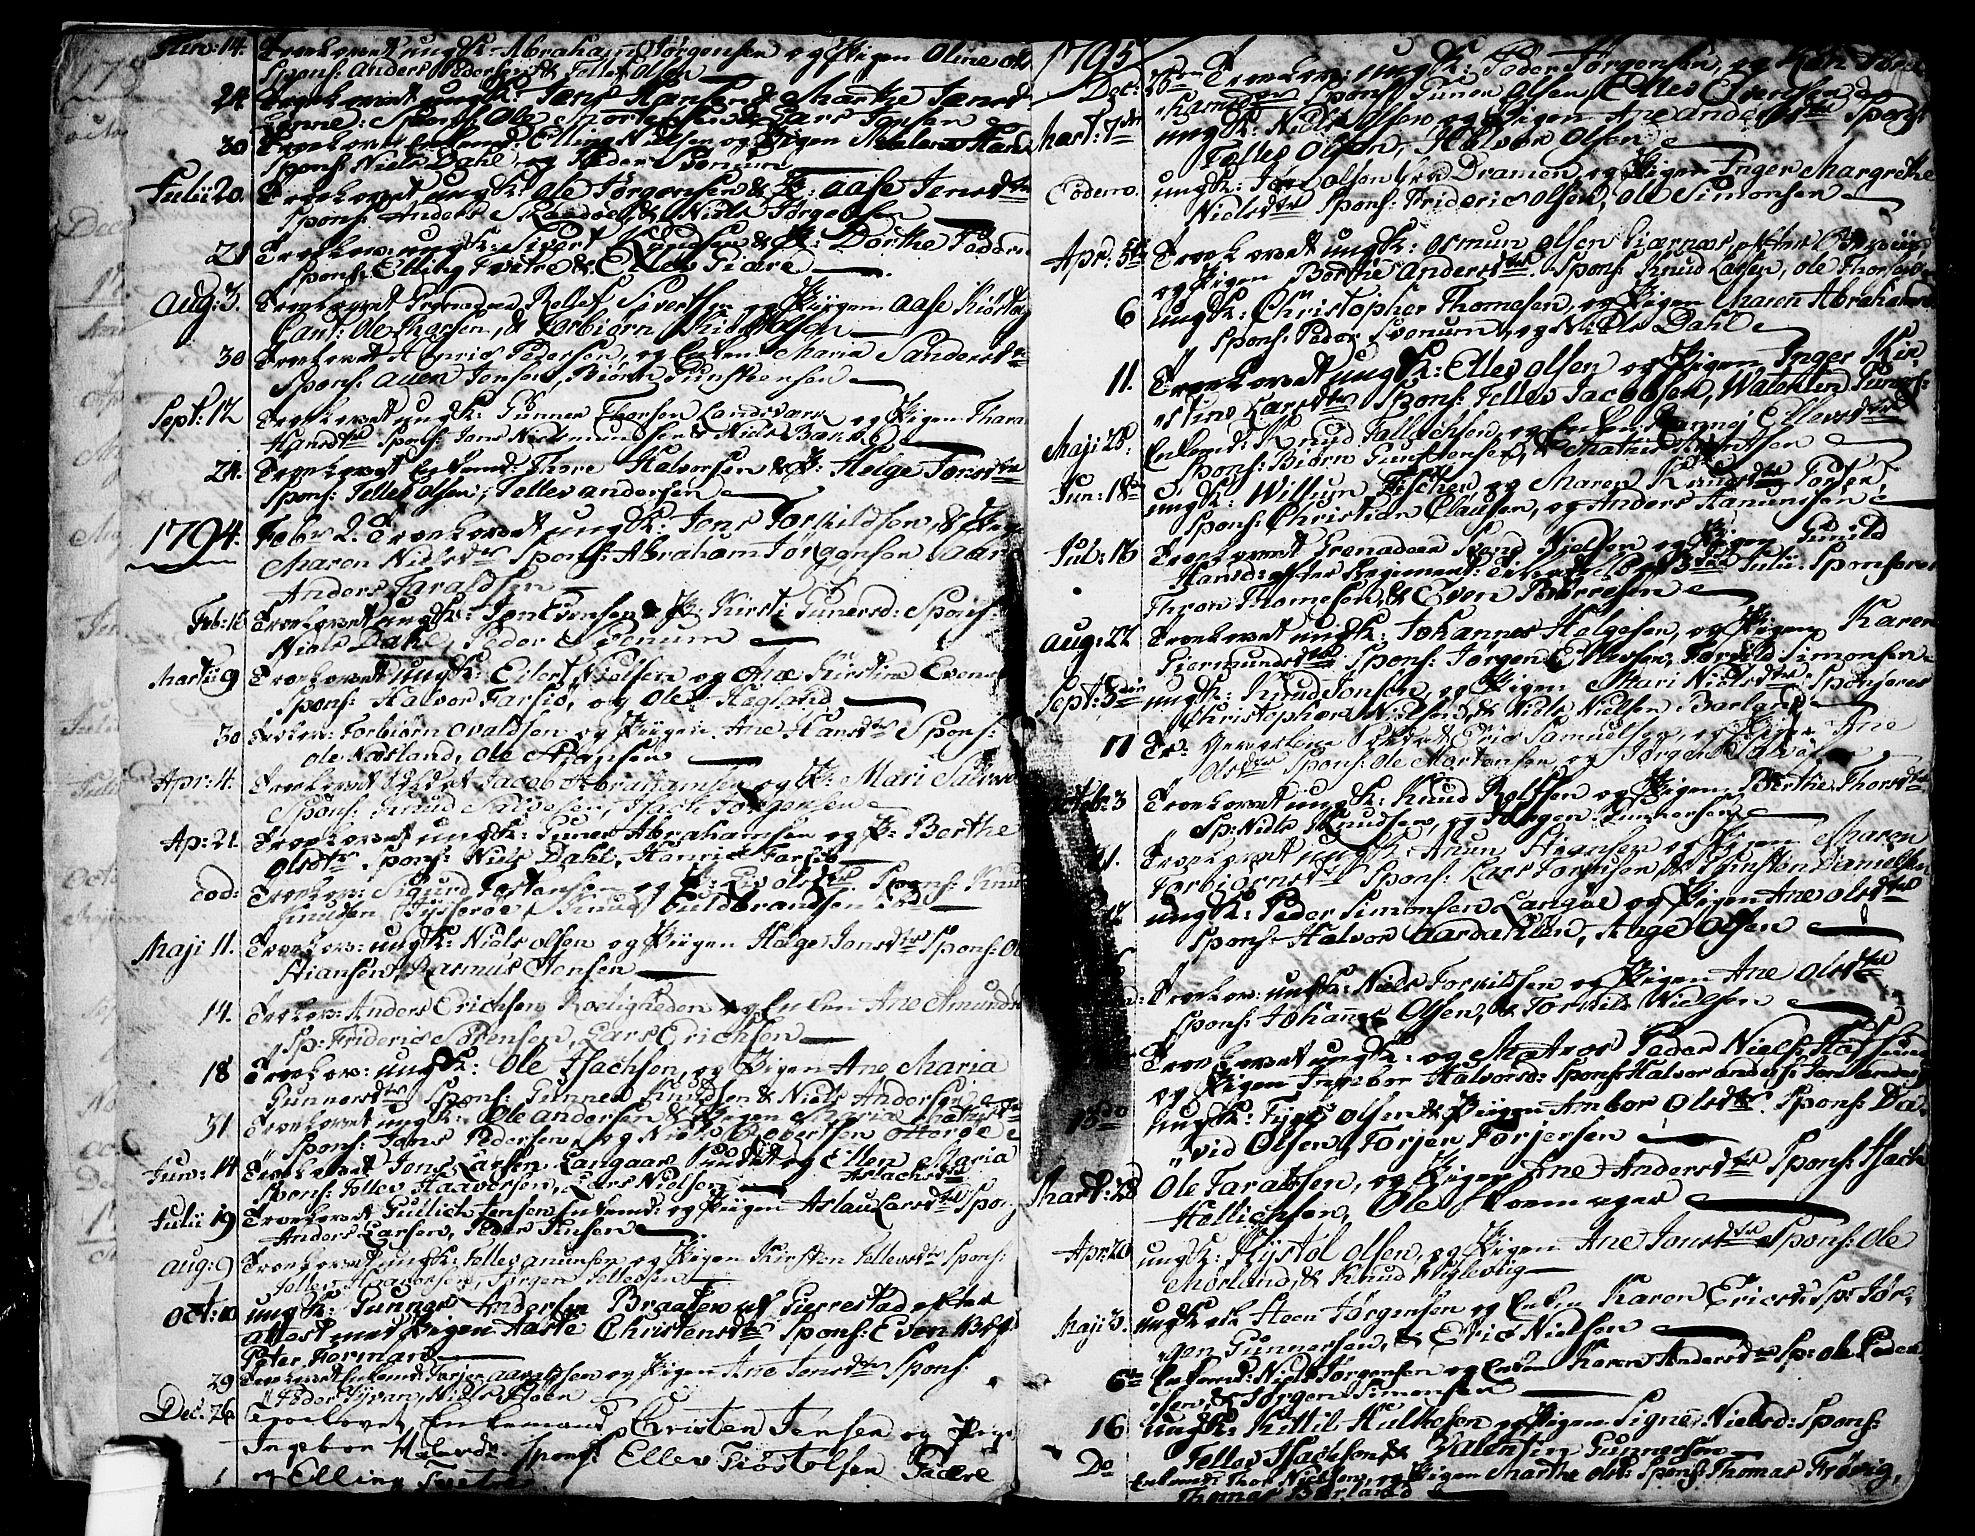 SAKO, Sannidal kirkebøker, F/Fa/L0002: Ministerialbok nr. 2, 1767-1802, s. 8